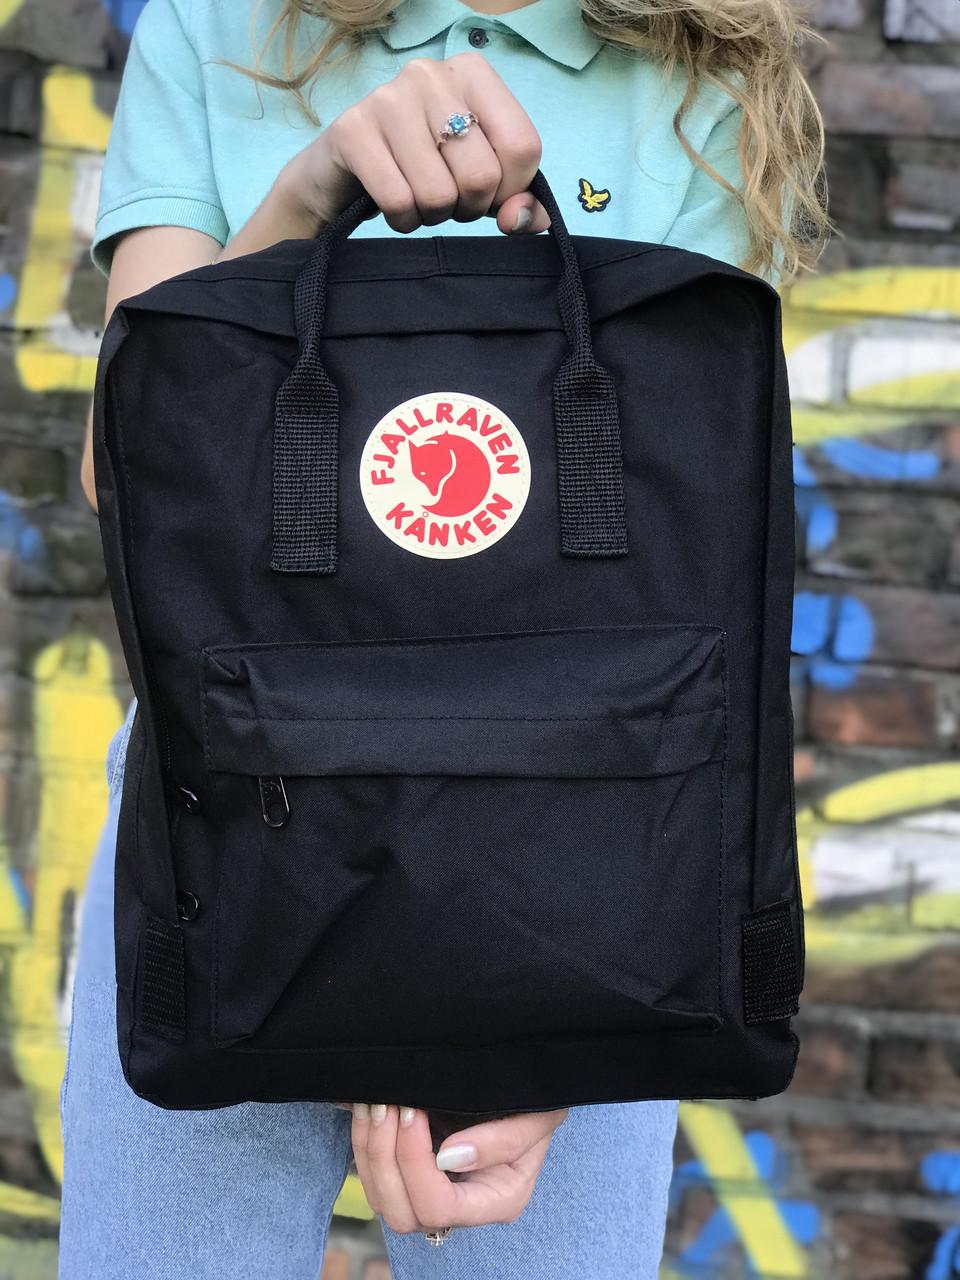 Жіночий рюкзак Kanken чорний